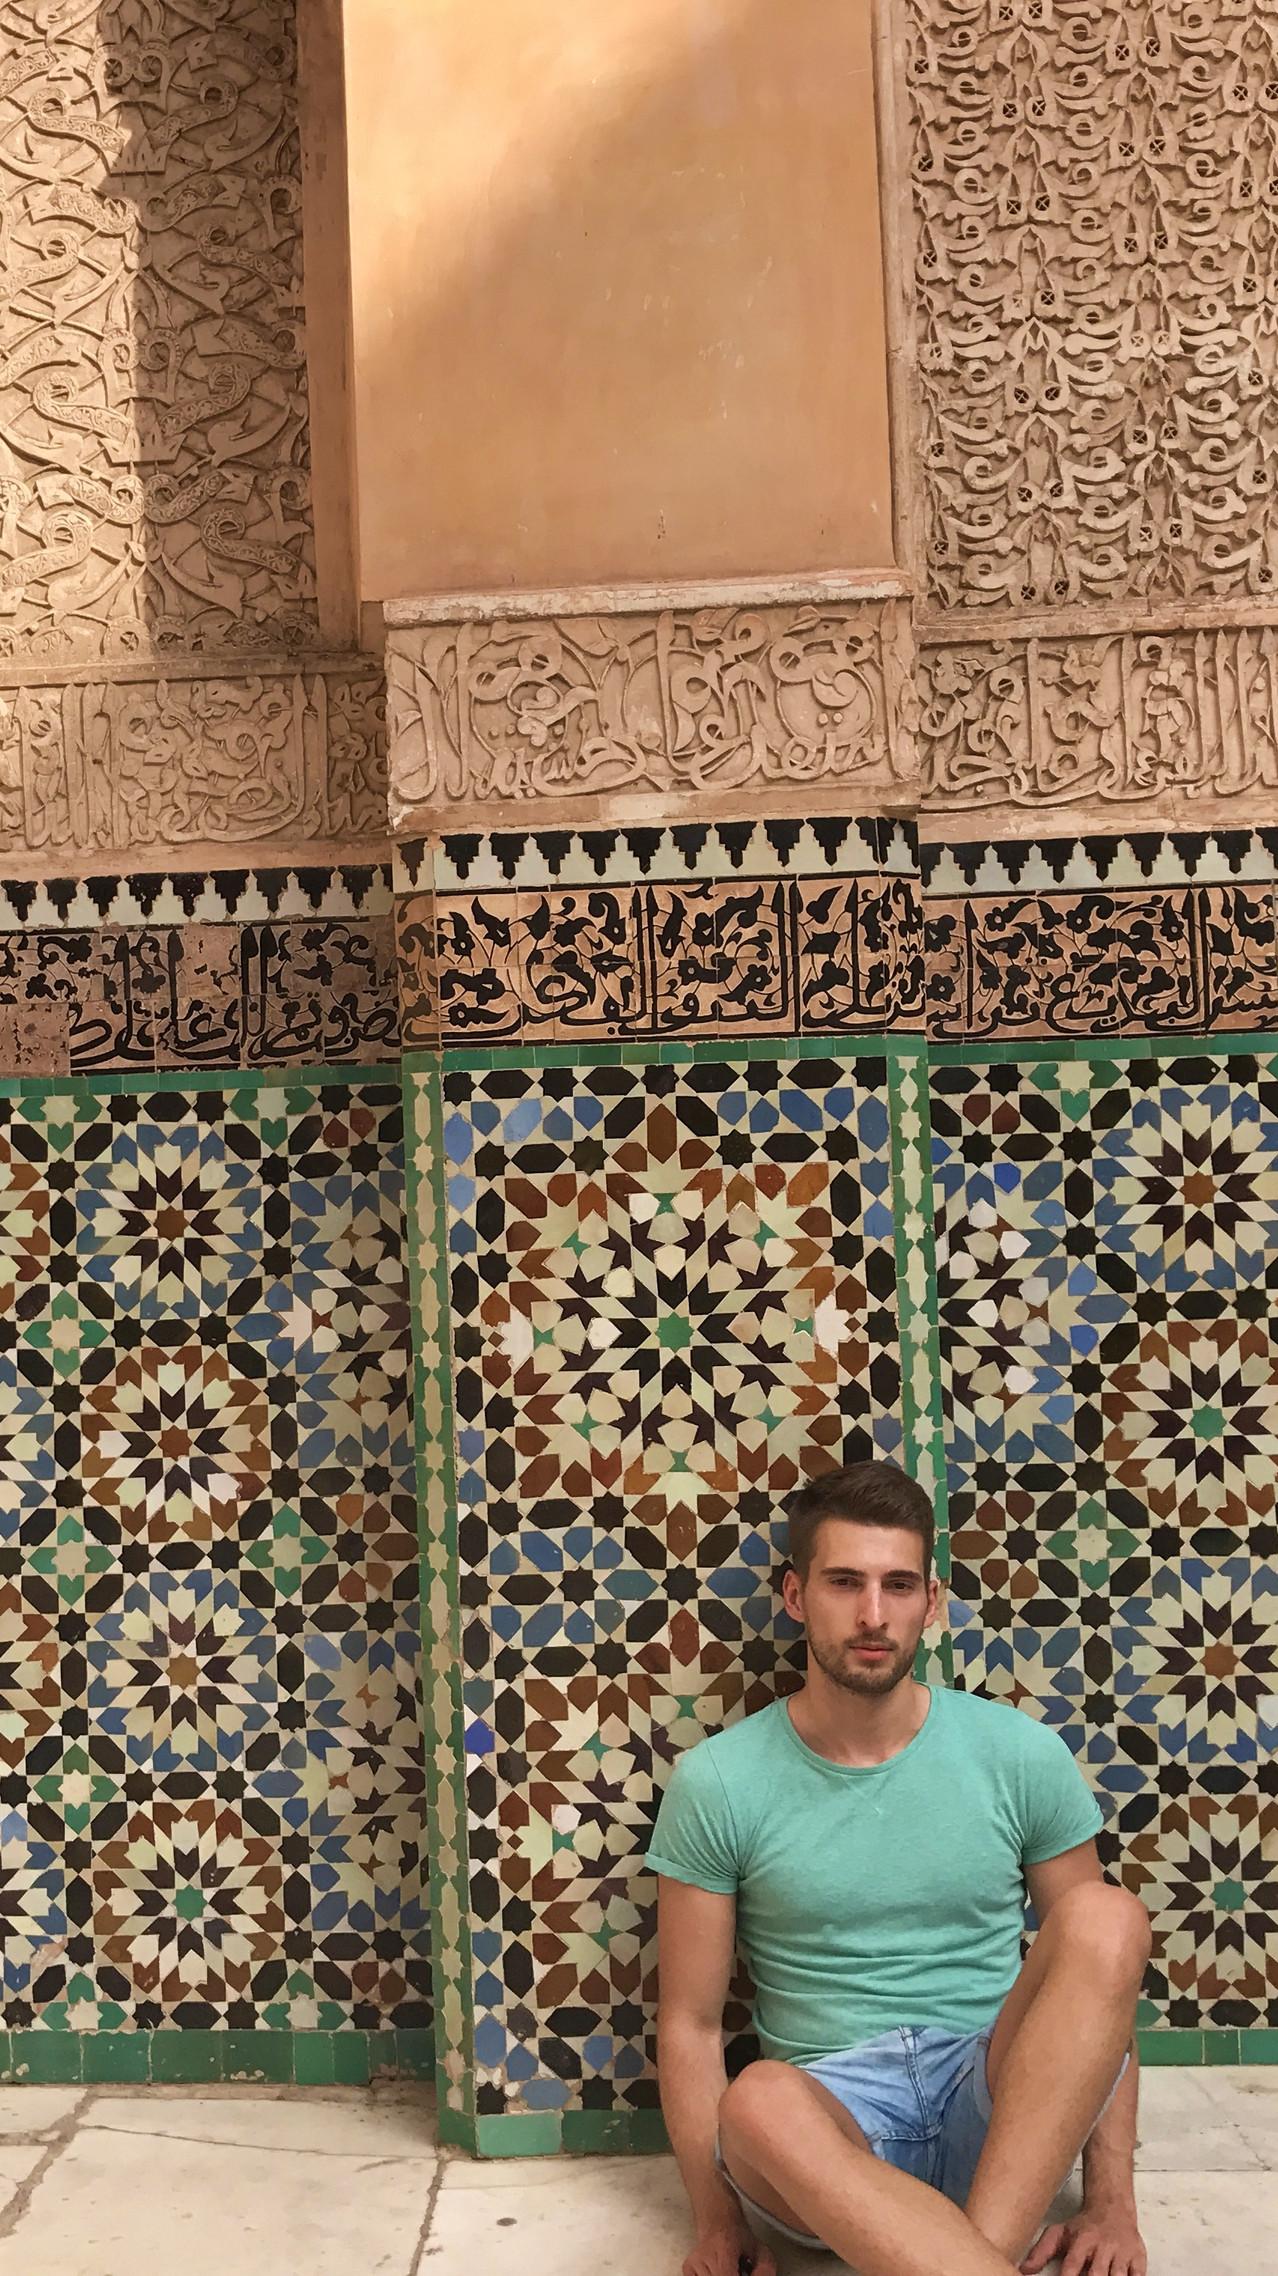 Foto en los azulejos de la madraza para Instagram